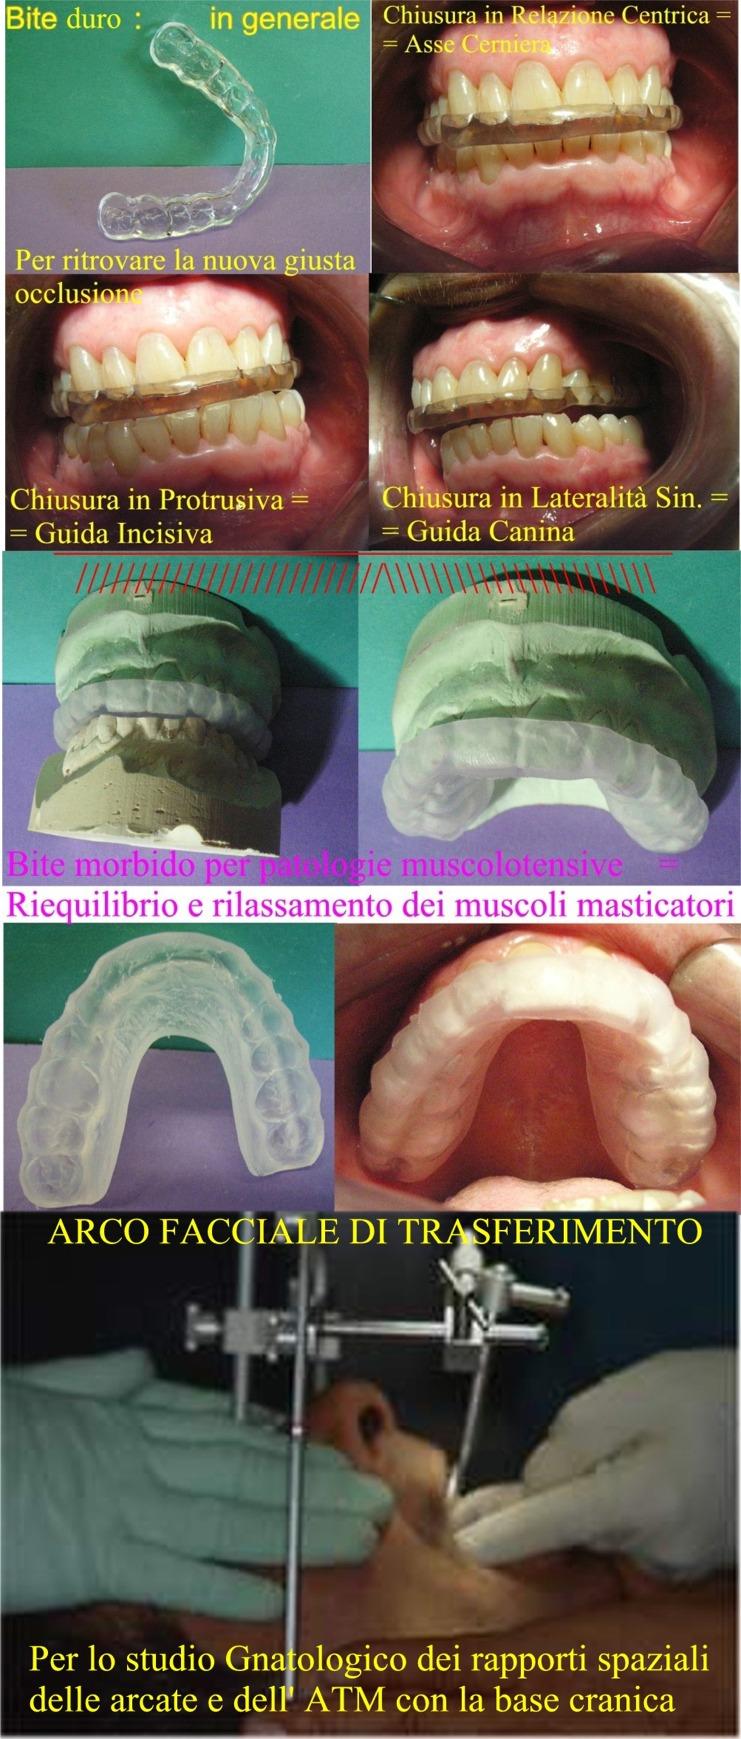 Diversi tipi di Bite ed Arco Facciale di Trasferimento per lo studio Gnatologico dei rapporti spaziali tra arcata dentarie base cranica. Da casistica del Dr. Gustavo Petti di Cagliari